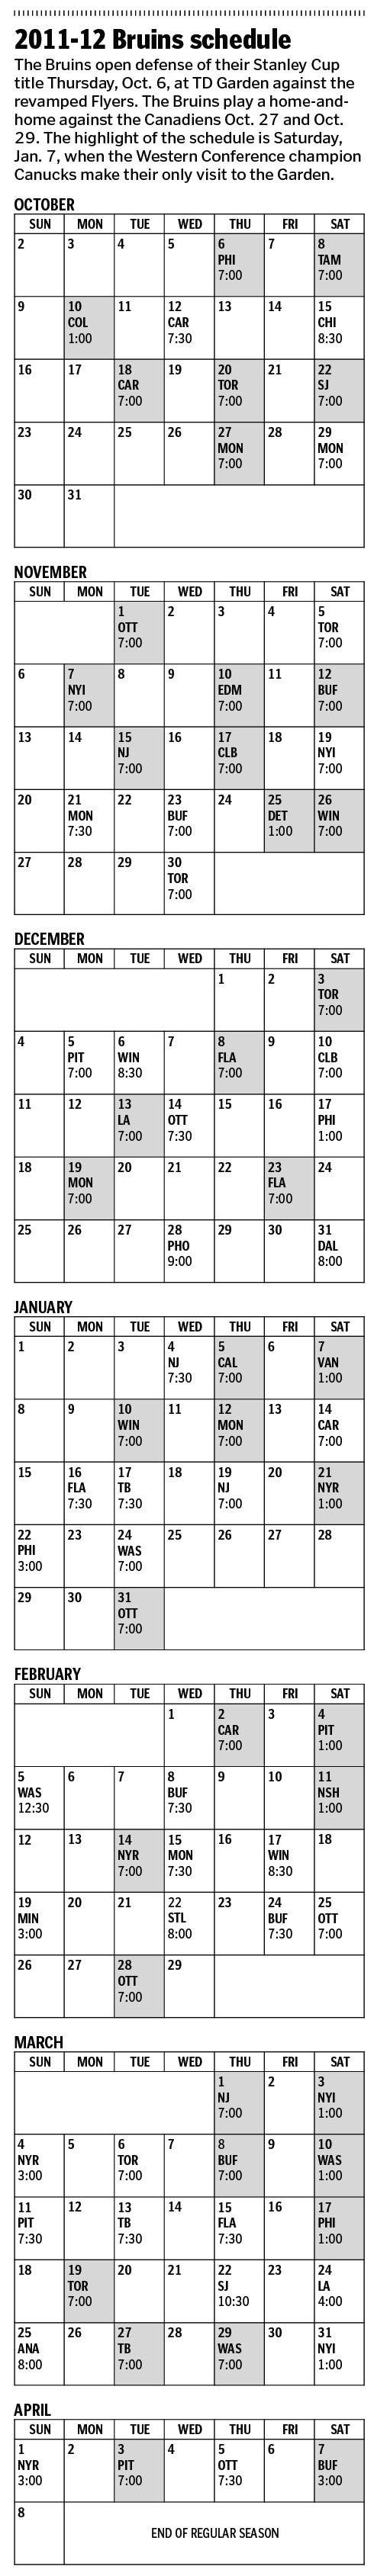 Bruins schedule